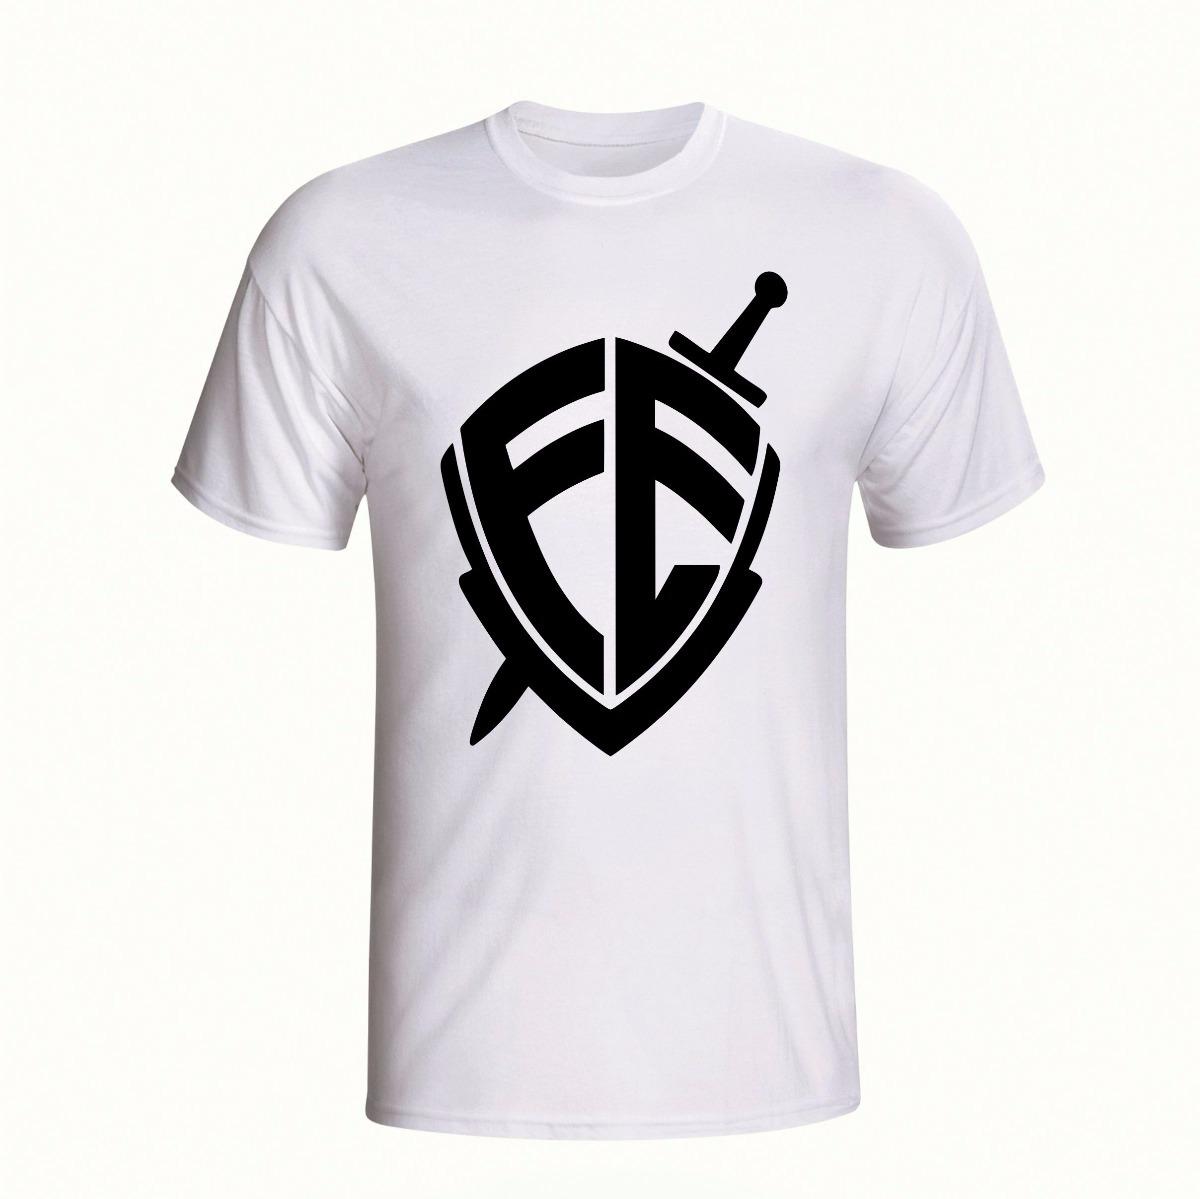 05dbe29c5 camisa camiseta banda gospel evangélica fé andré valadão. Carregando zoom.